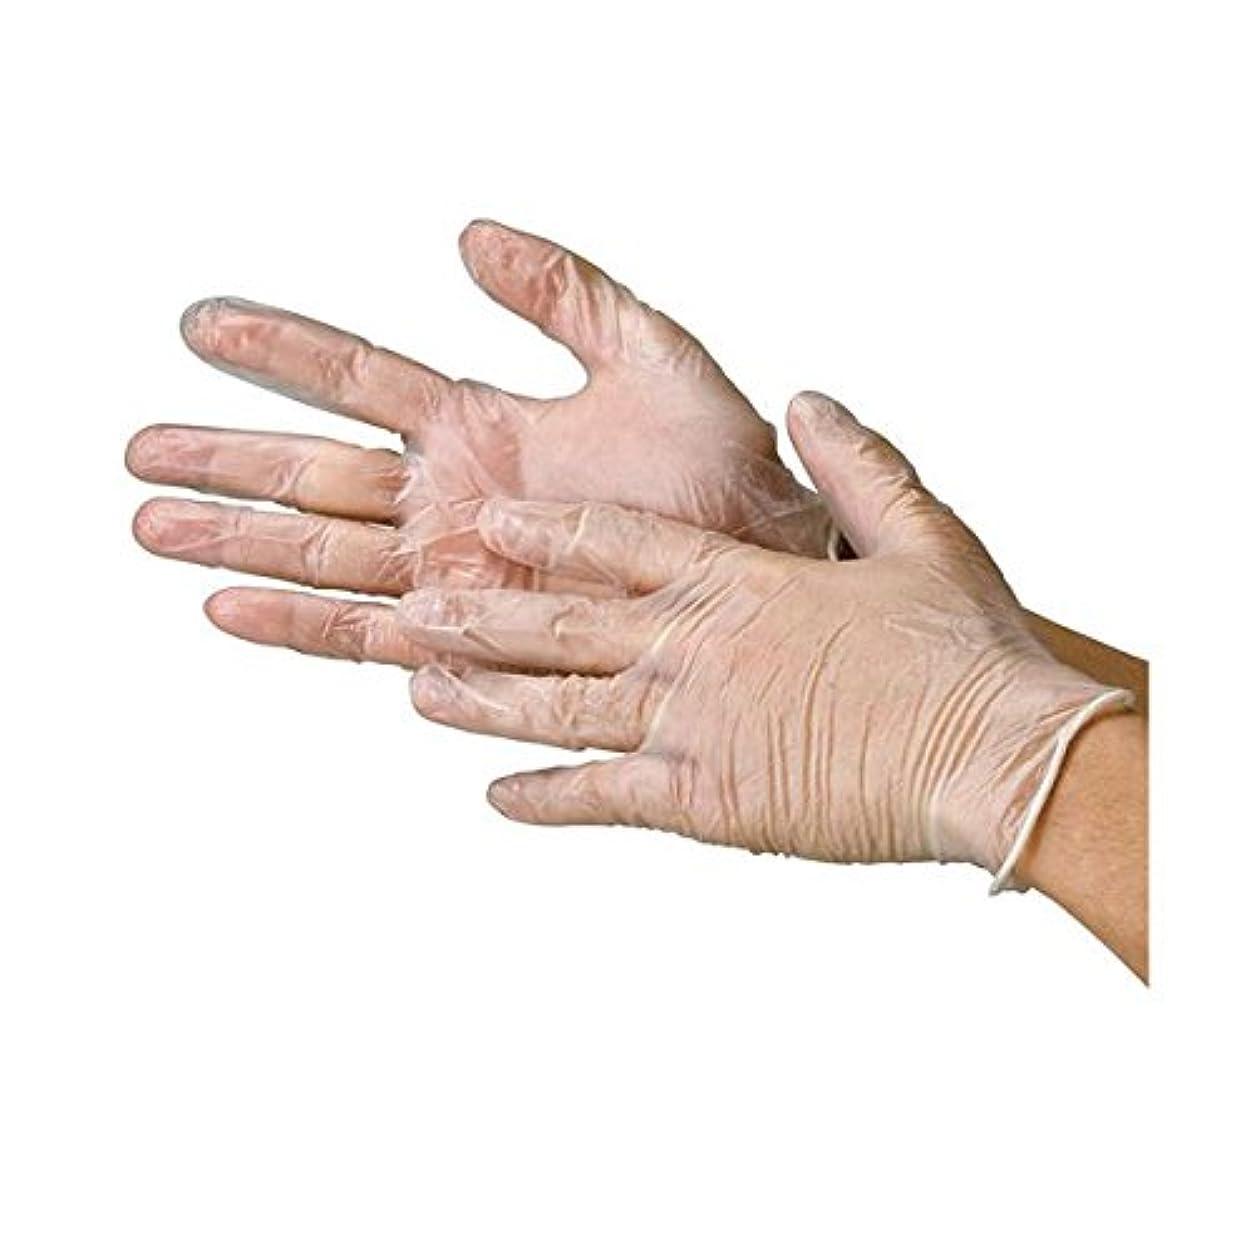 オートマトン帰する時制川西工業 ビニール極薄手袋 粉なし M 20箱 ダイエット 健康 衛生用品 その他の衛生用品 14067381 [並行輸入品]